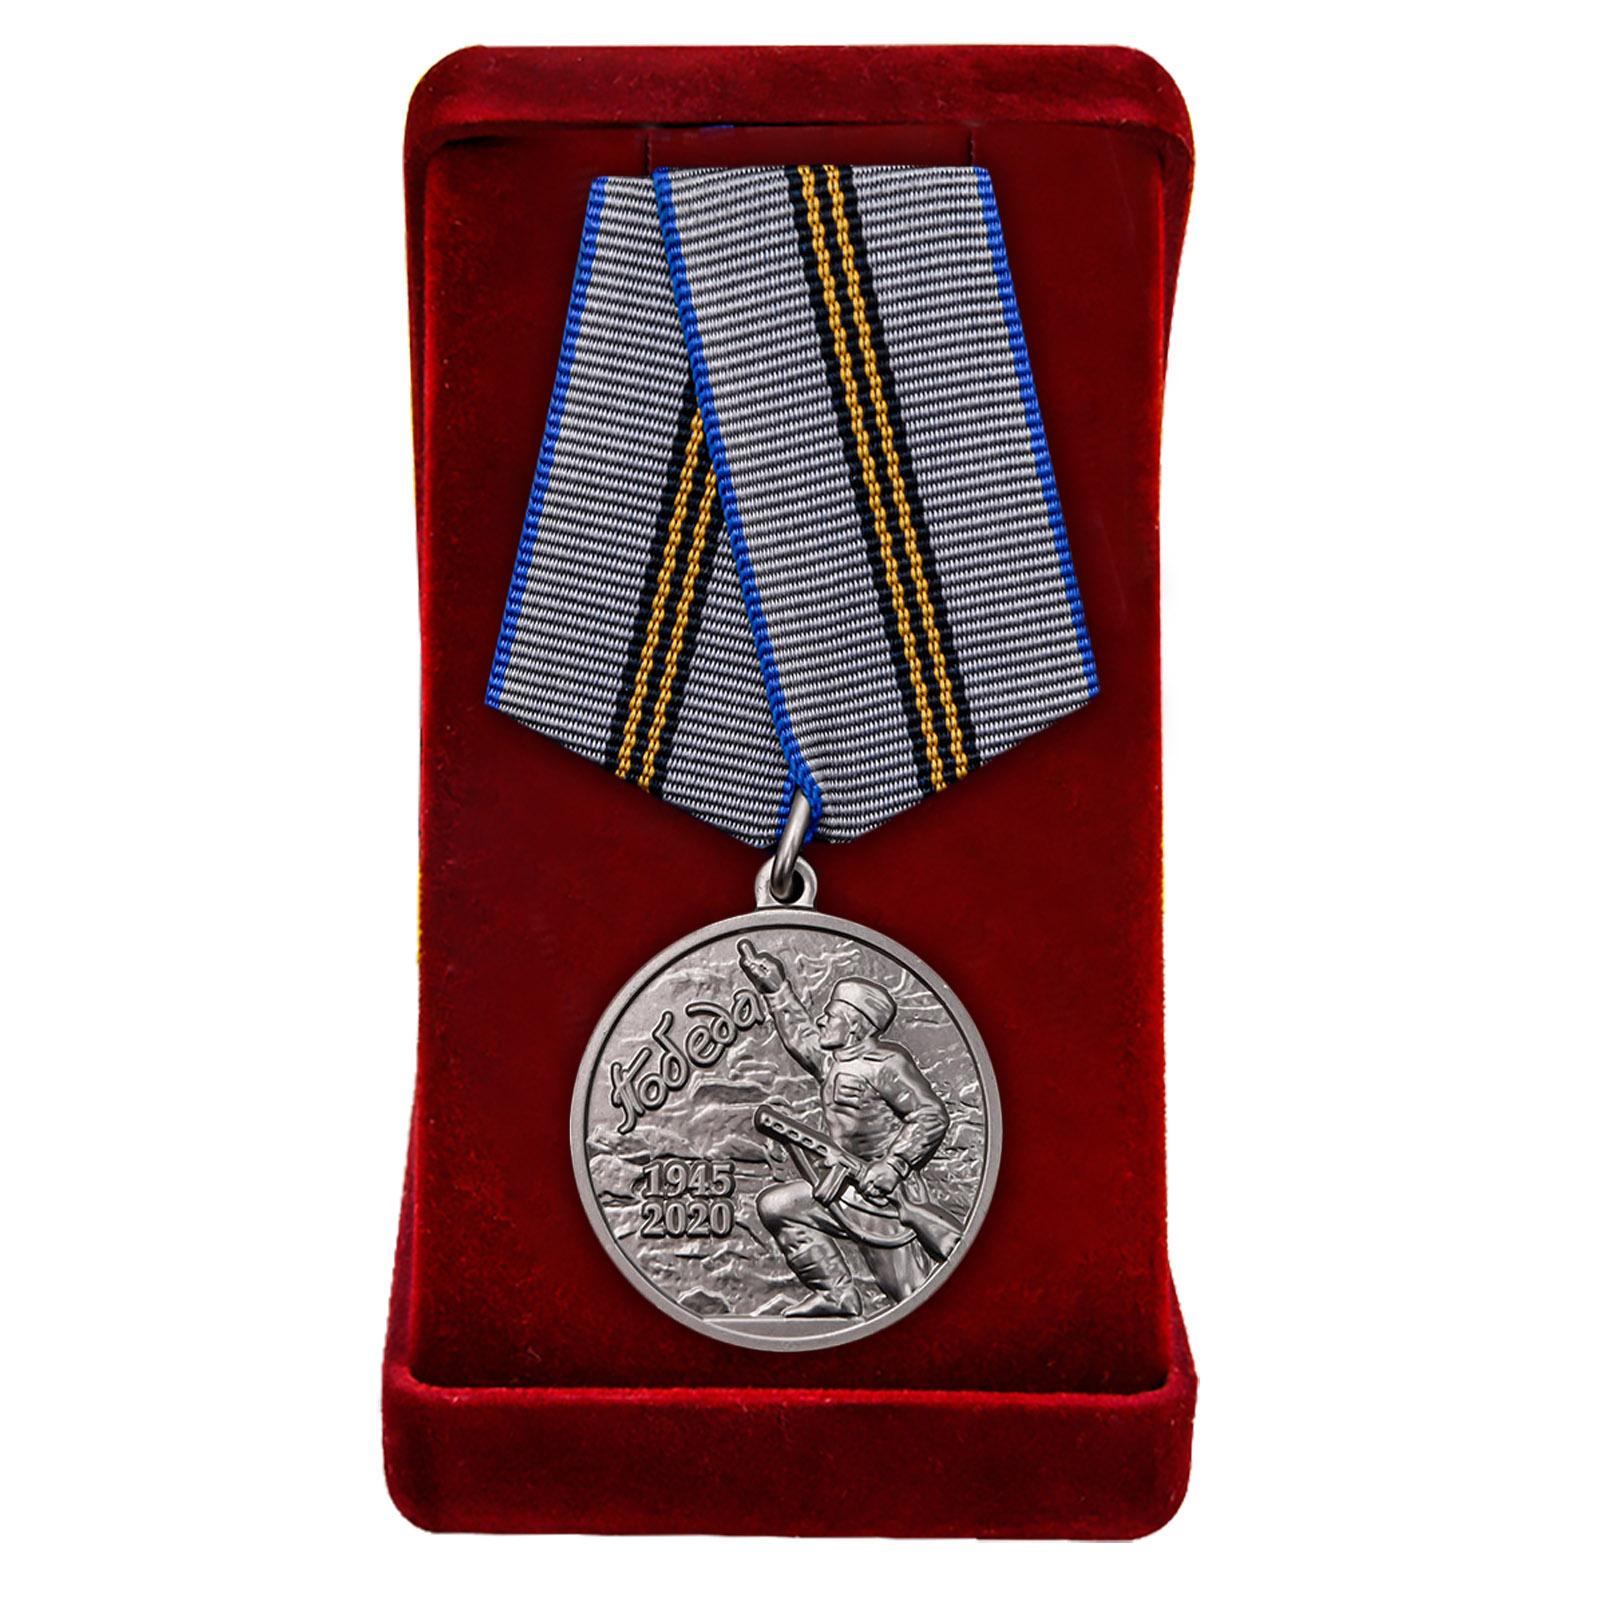 Купить наградную медаль 75 лет Победы в ВОВ 1941-1945 гг. в подарок